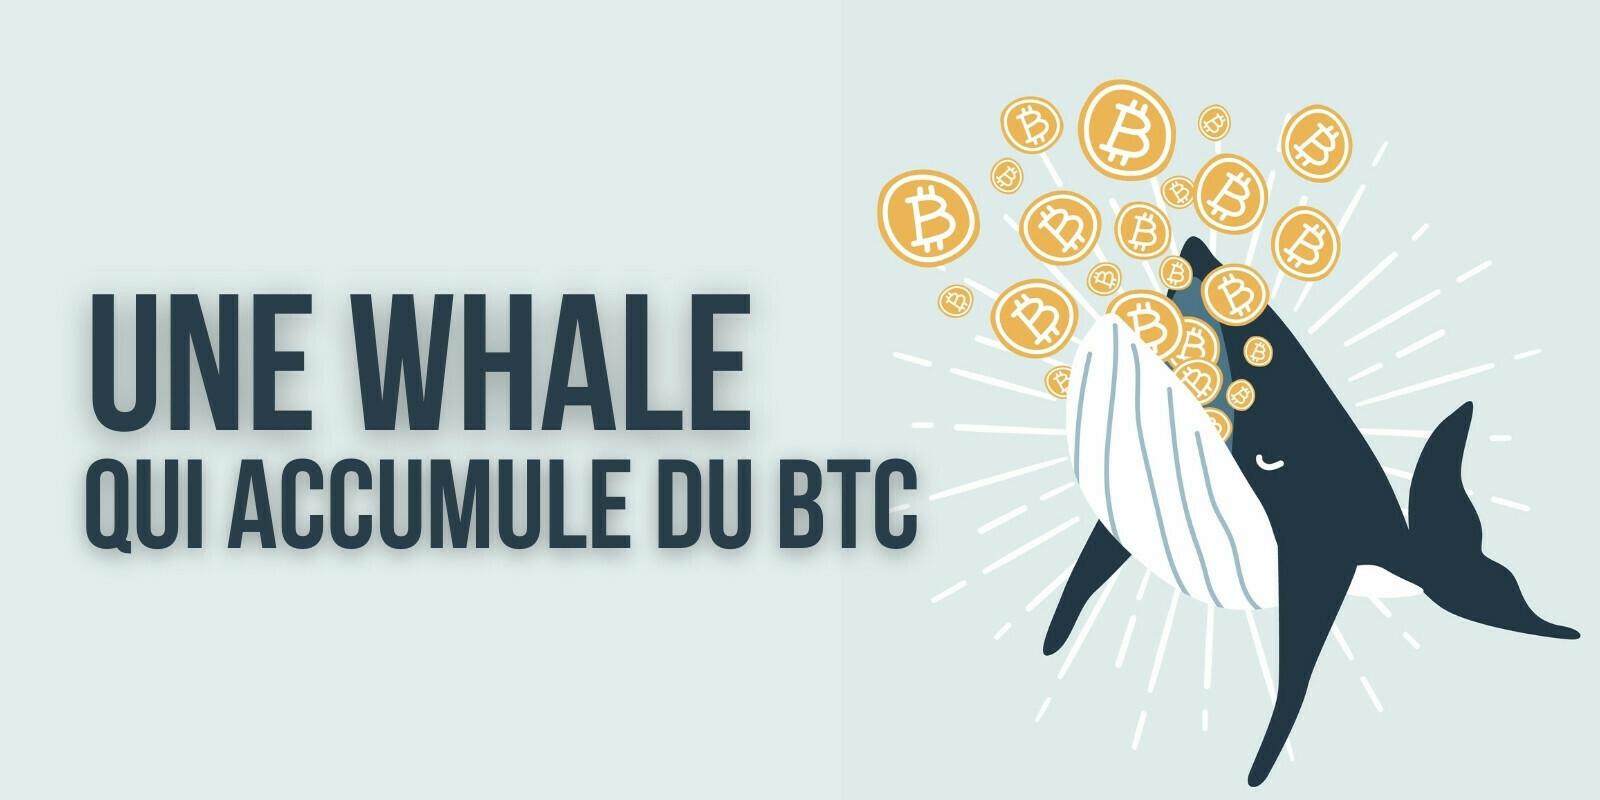 La 3e plus grosse whale en Bitcoin profite du dip pour acheter 23 millions de dollars de BTC